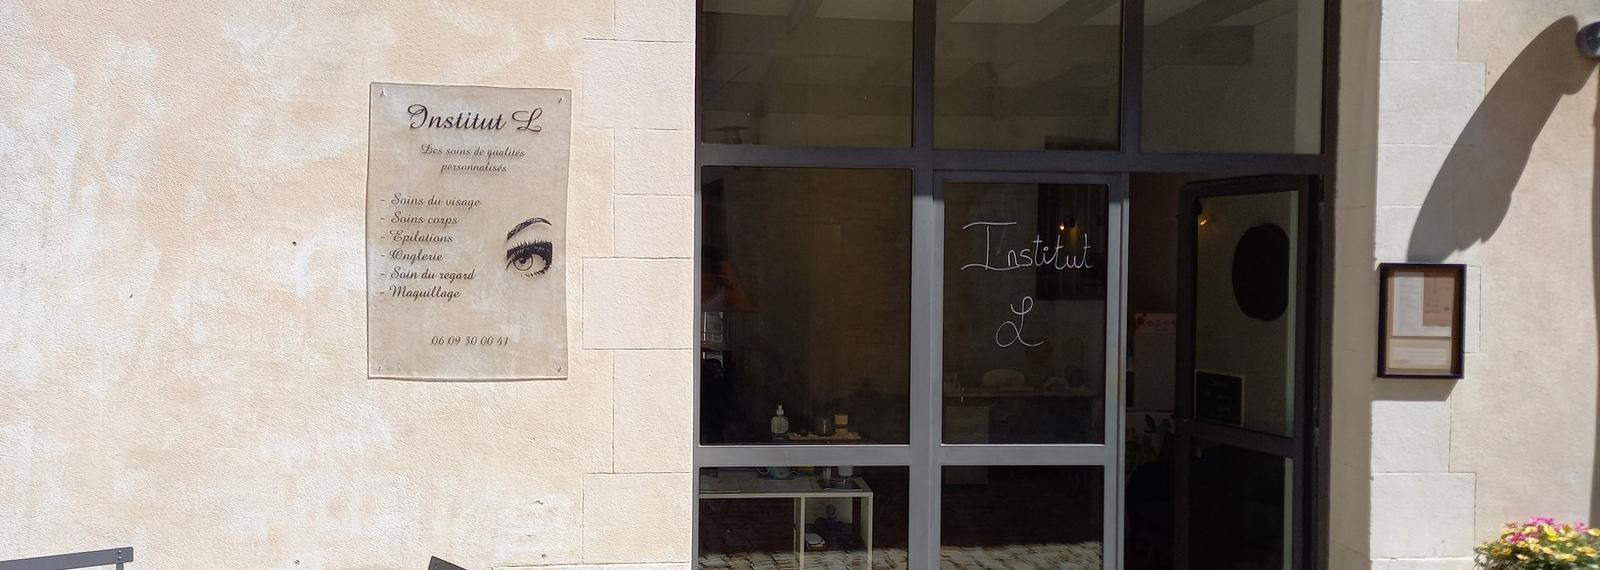 Institut L institut de beauté à Saint-Rémy-de-Provence